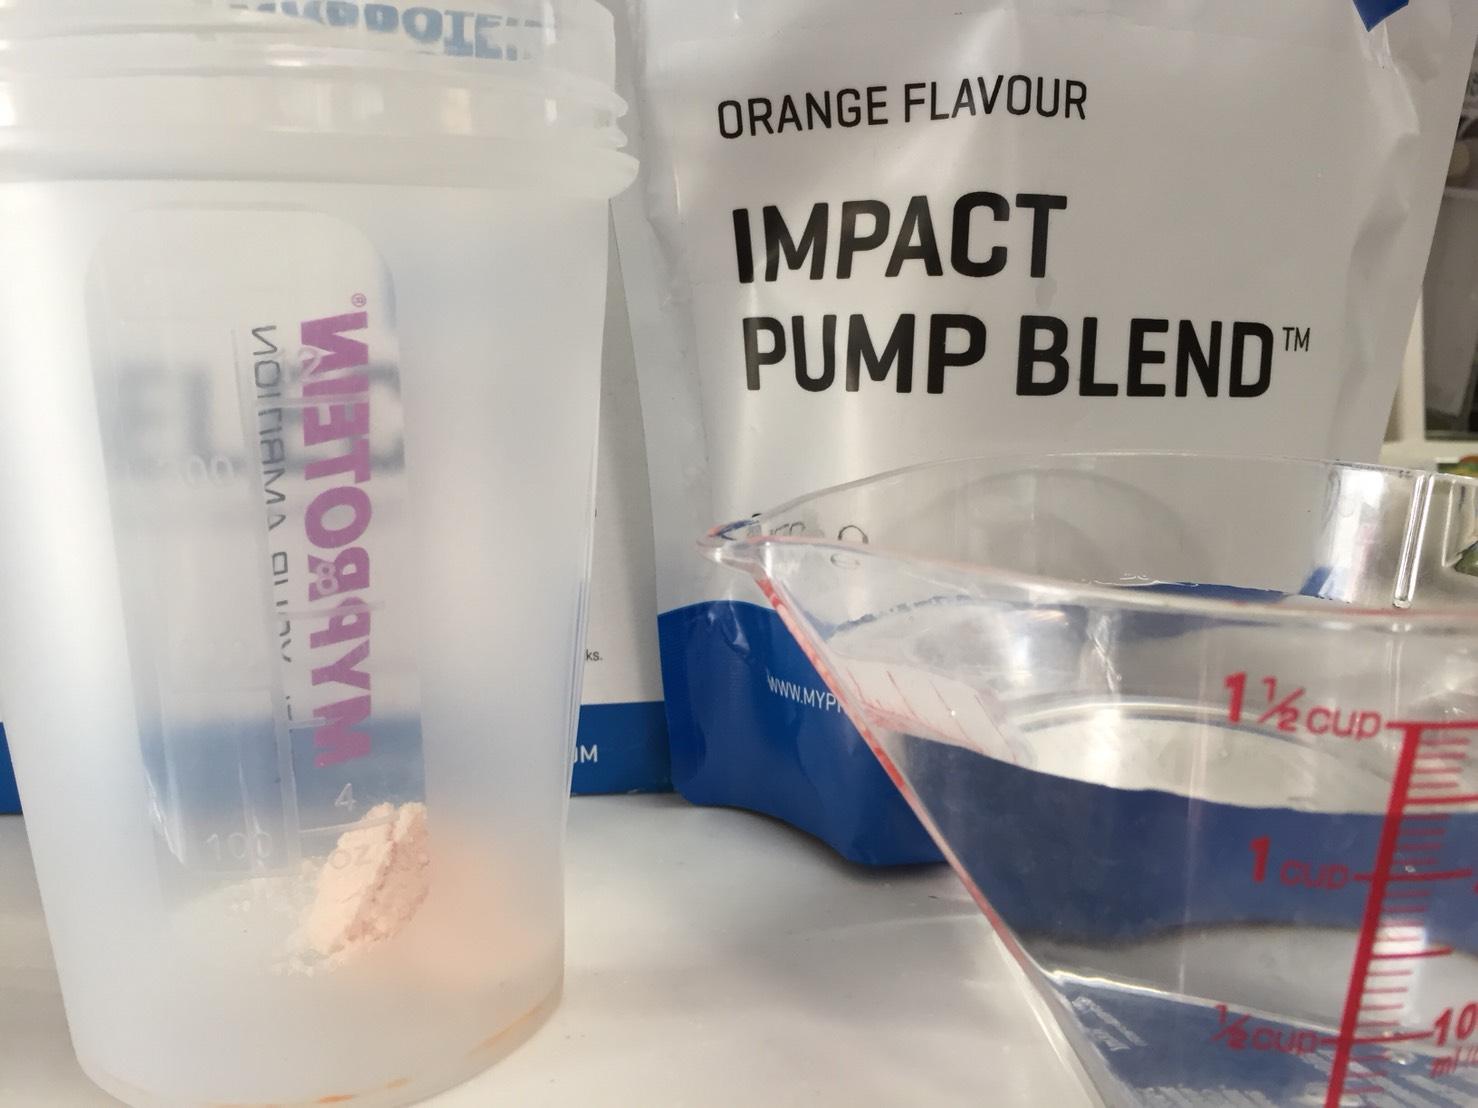 IMPACTパンプブレンド「ORANGE FLAVOUR(オレンジ味)」を250mlの水に溶かします